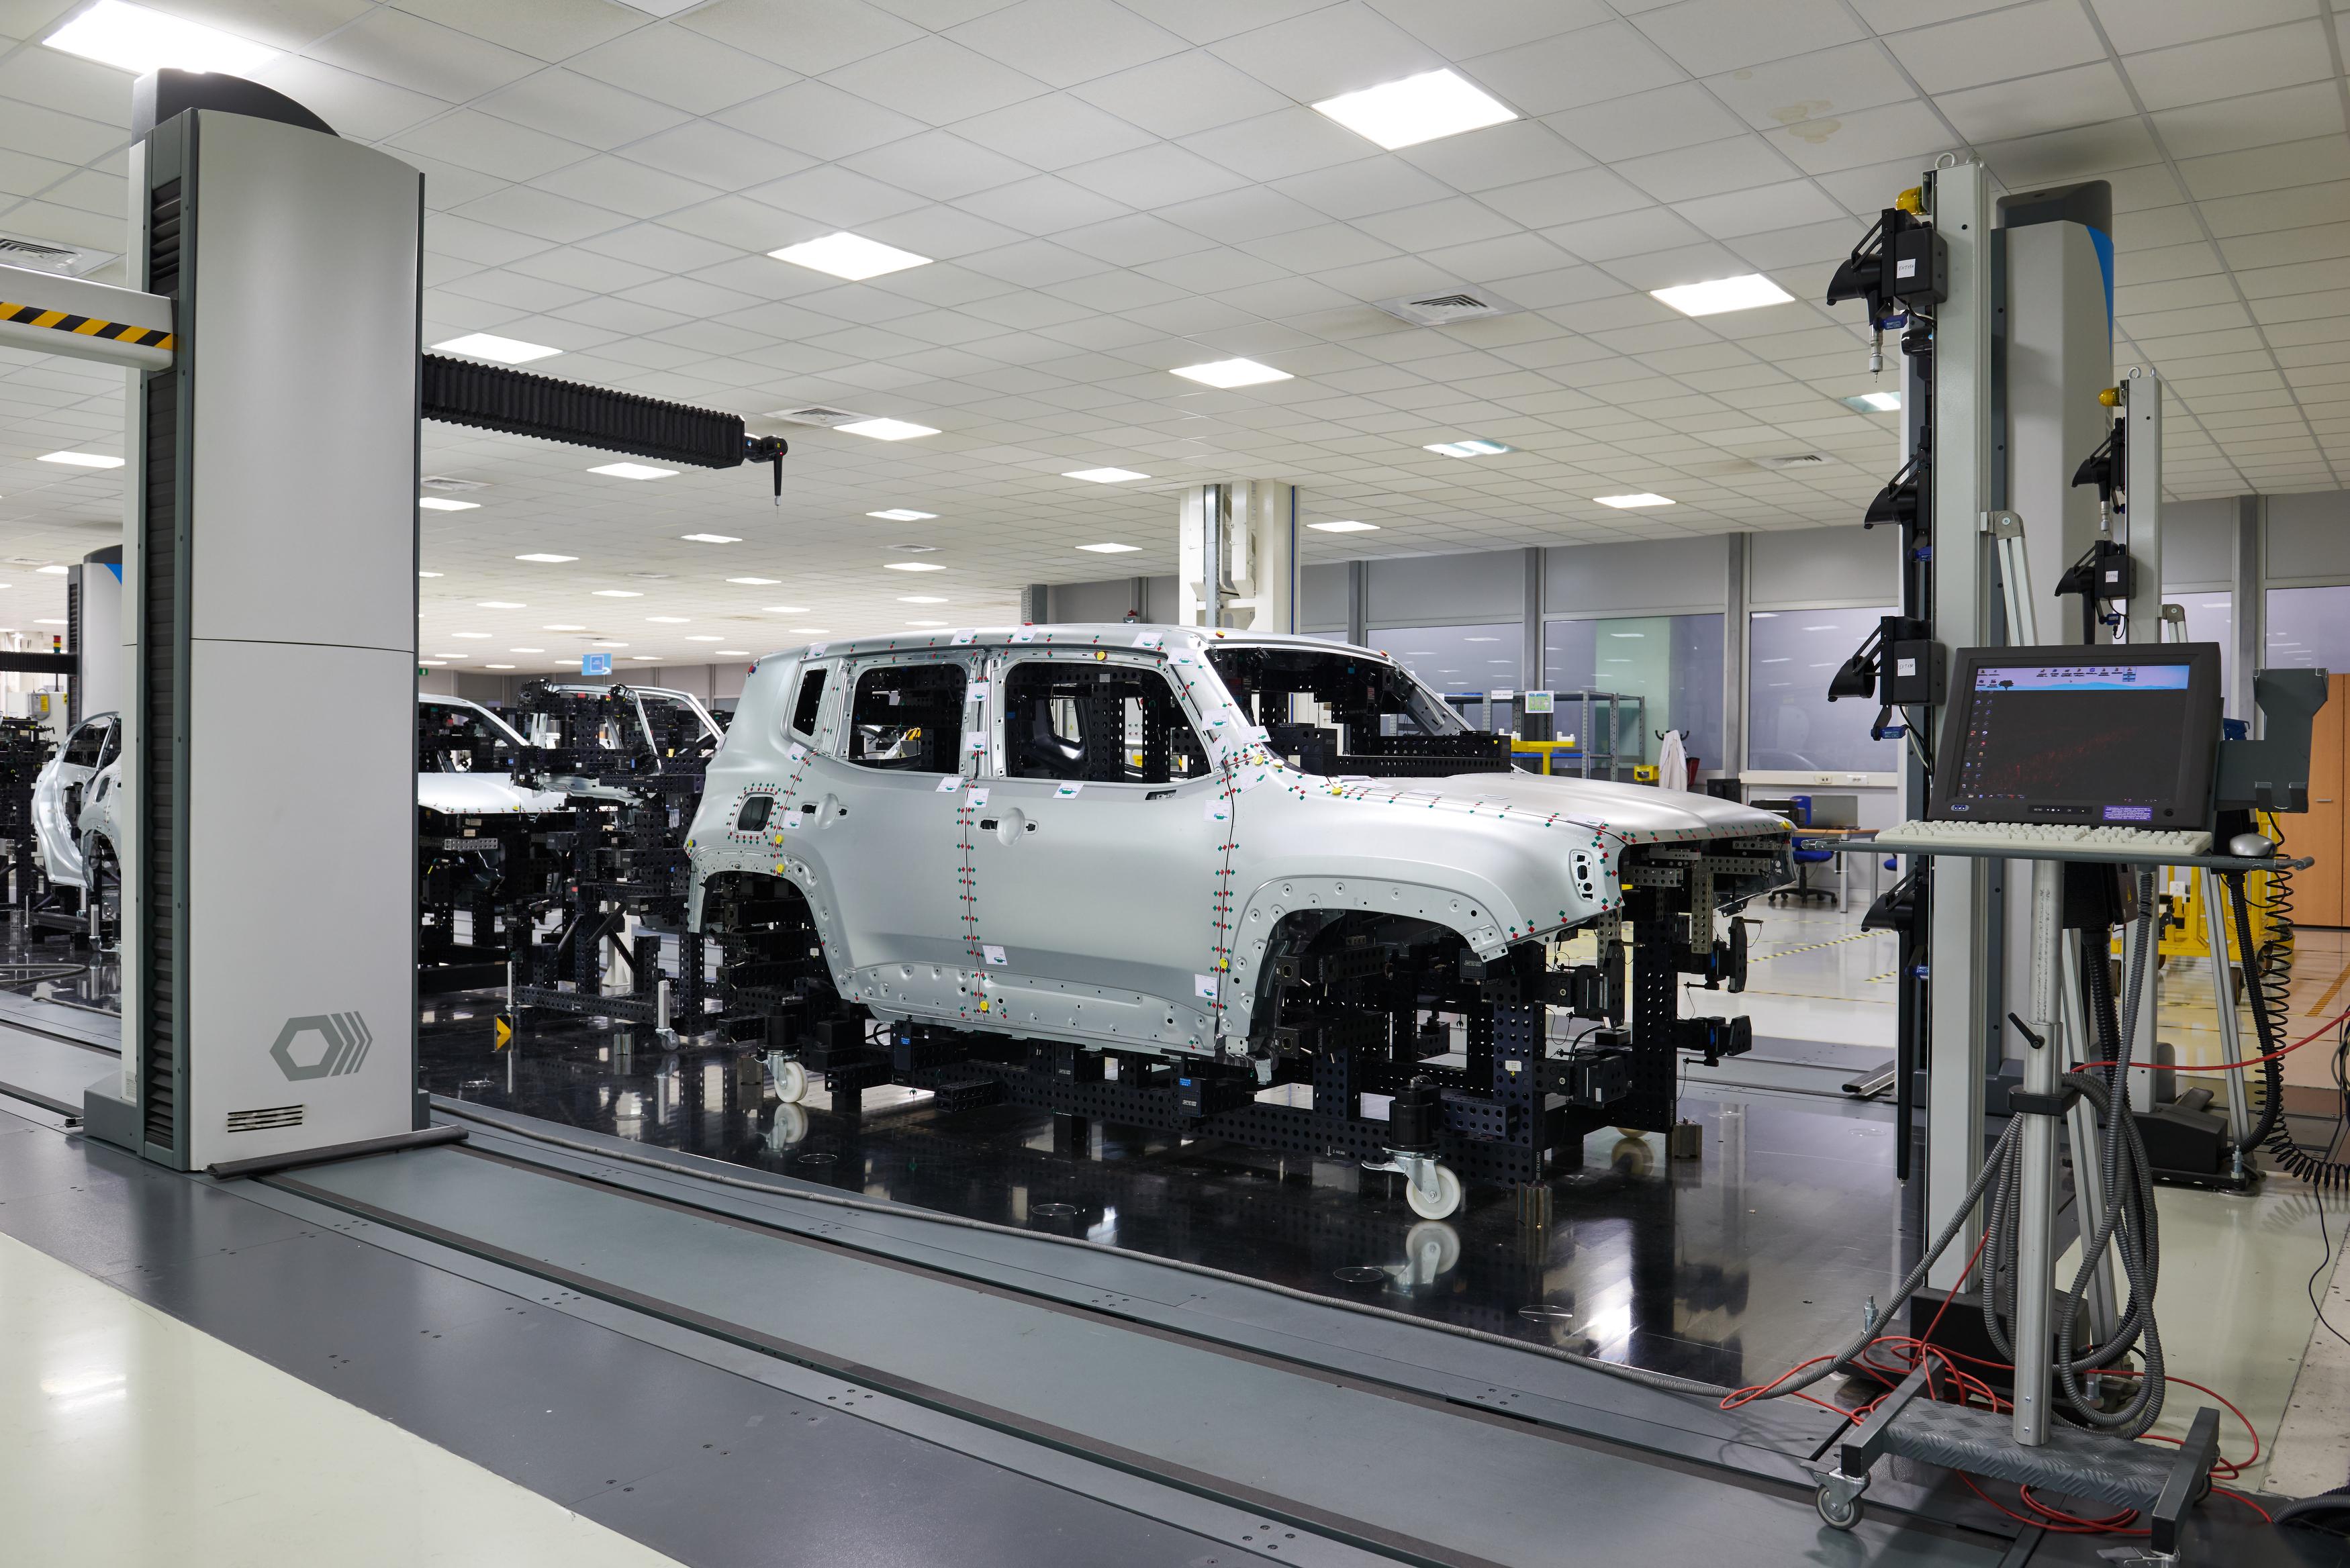 FCA – Gruppo Fiat Chrysler Automobiles. La linea di assemblaggio Jeep di Melfi (courtesy photo: Guido De Bortoli/Getty Images)